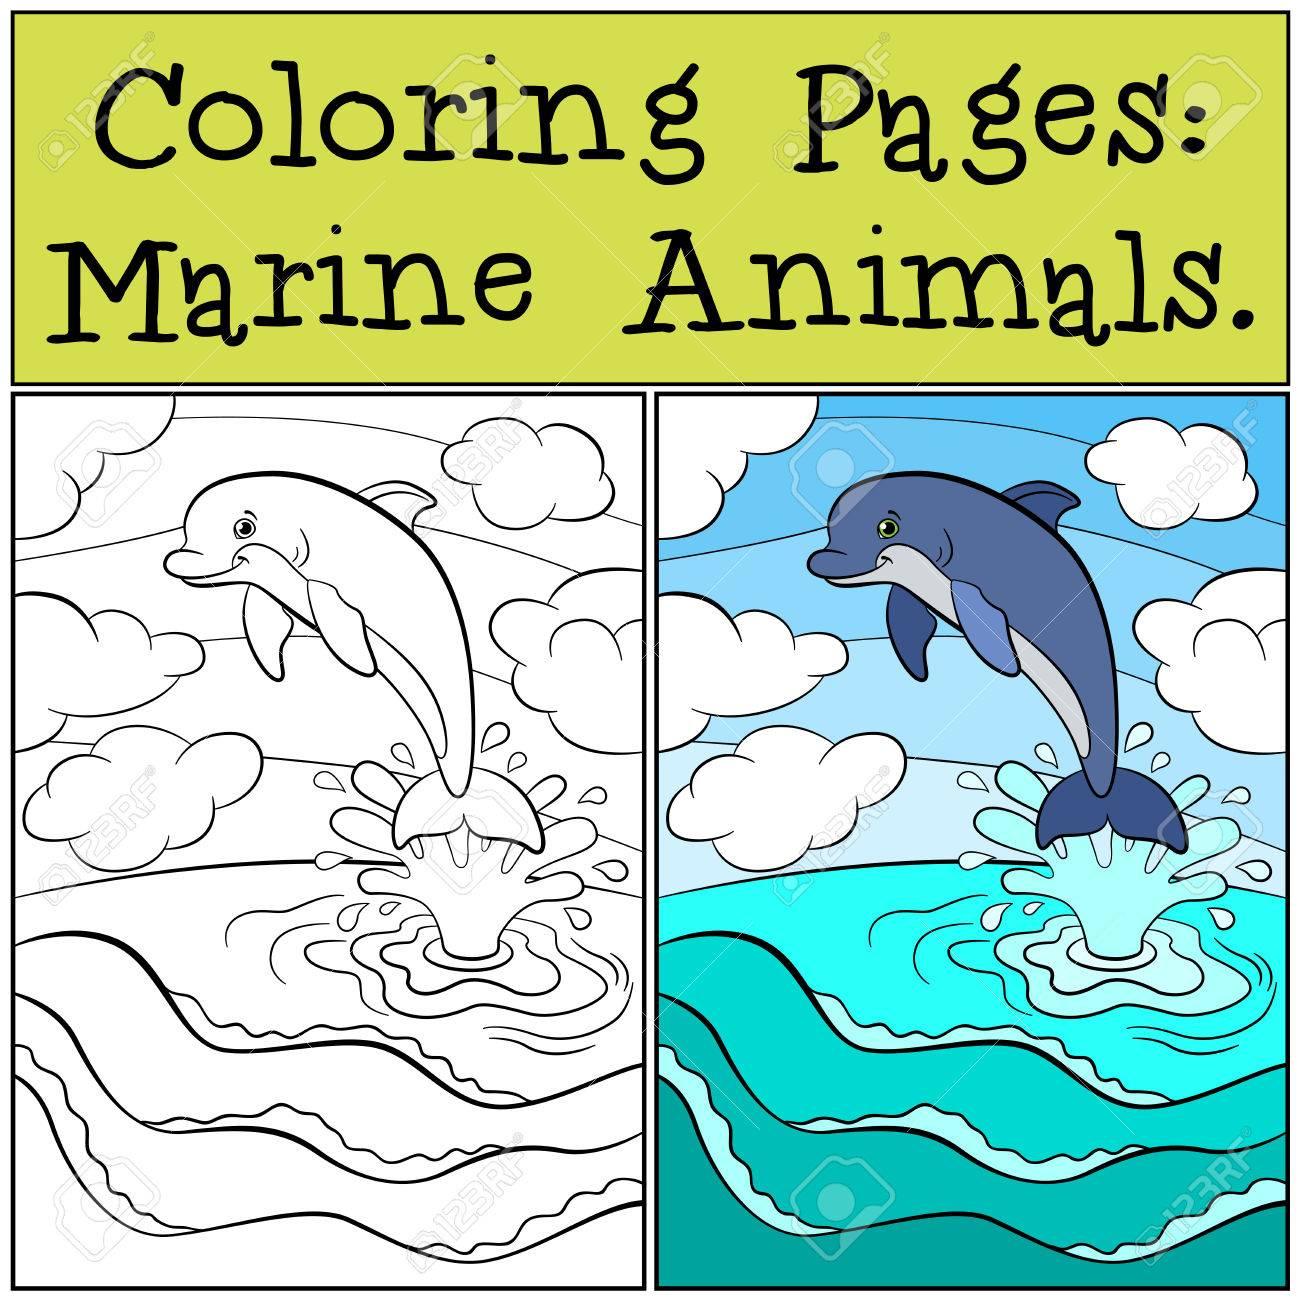 Vettoriale Disegni Da Colorare Animali Marini Piccolo Delfino